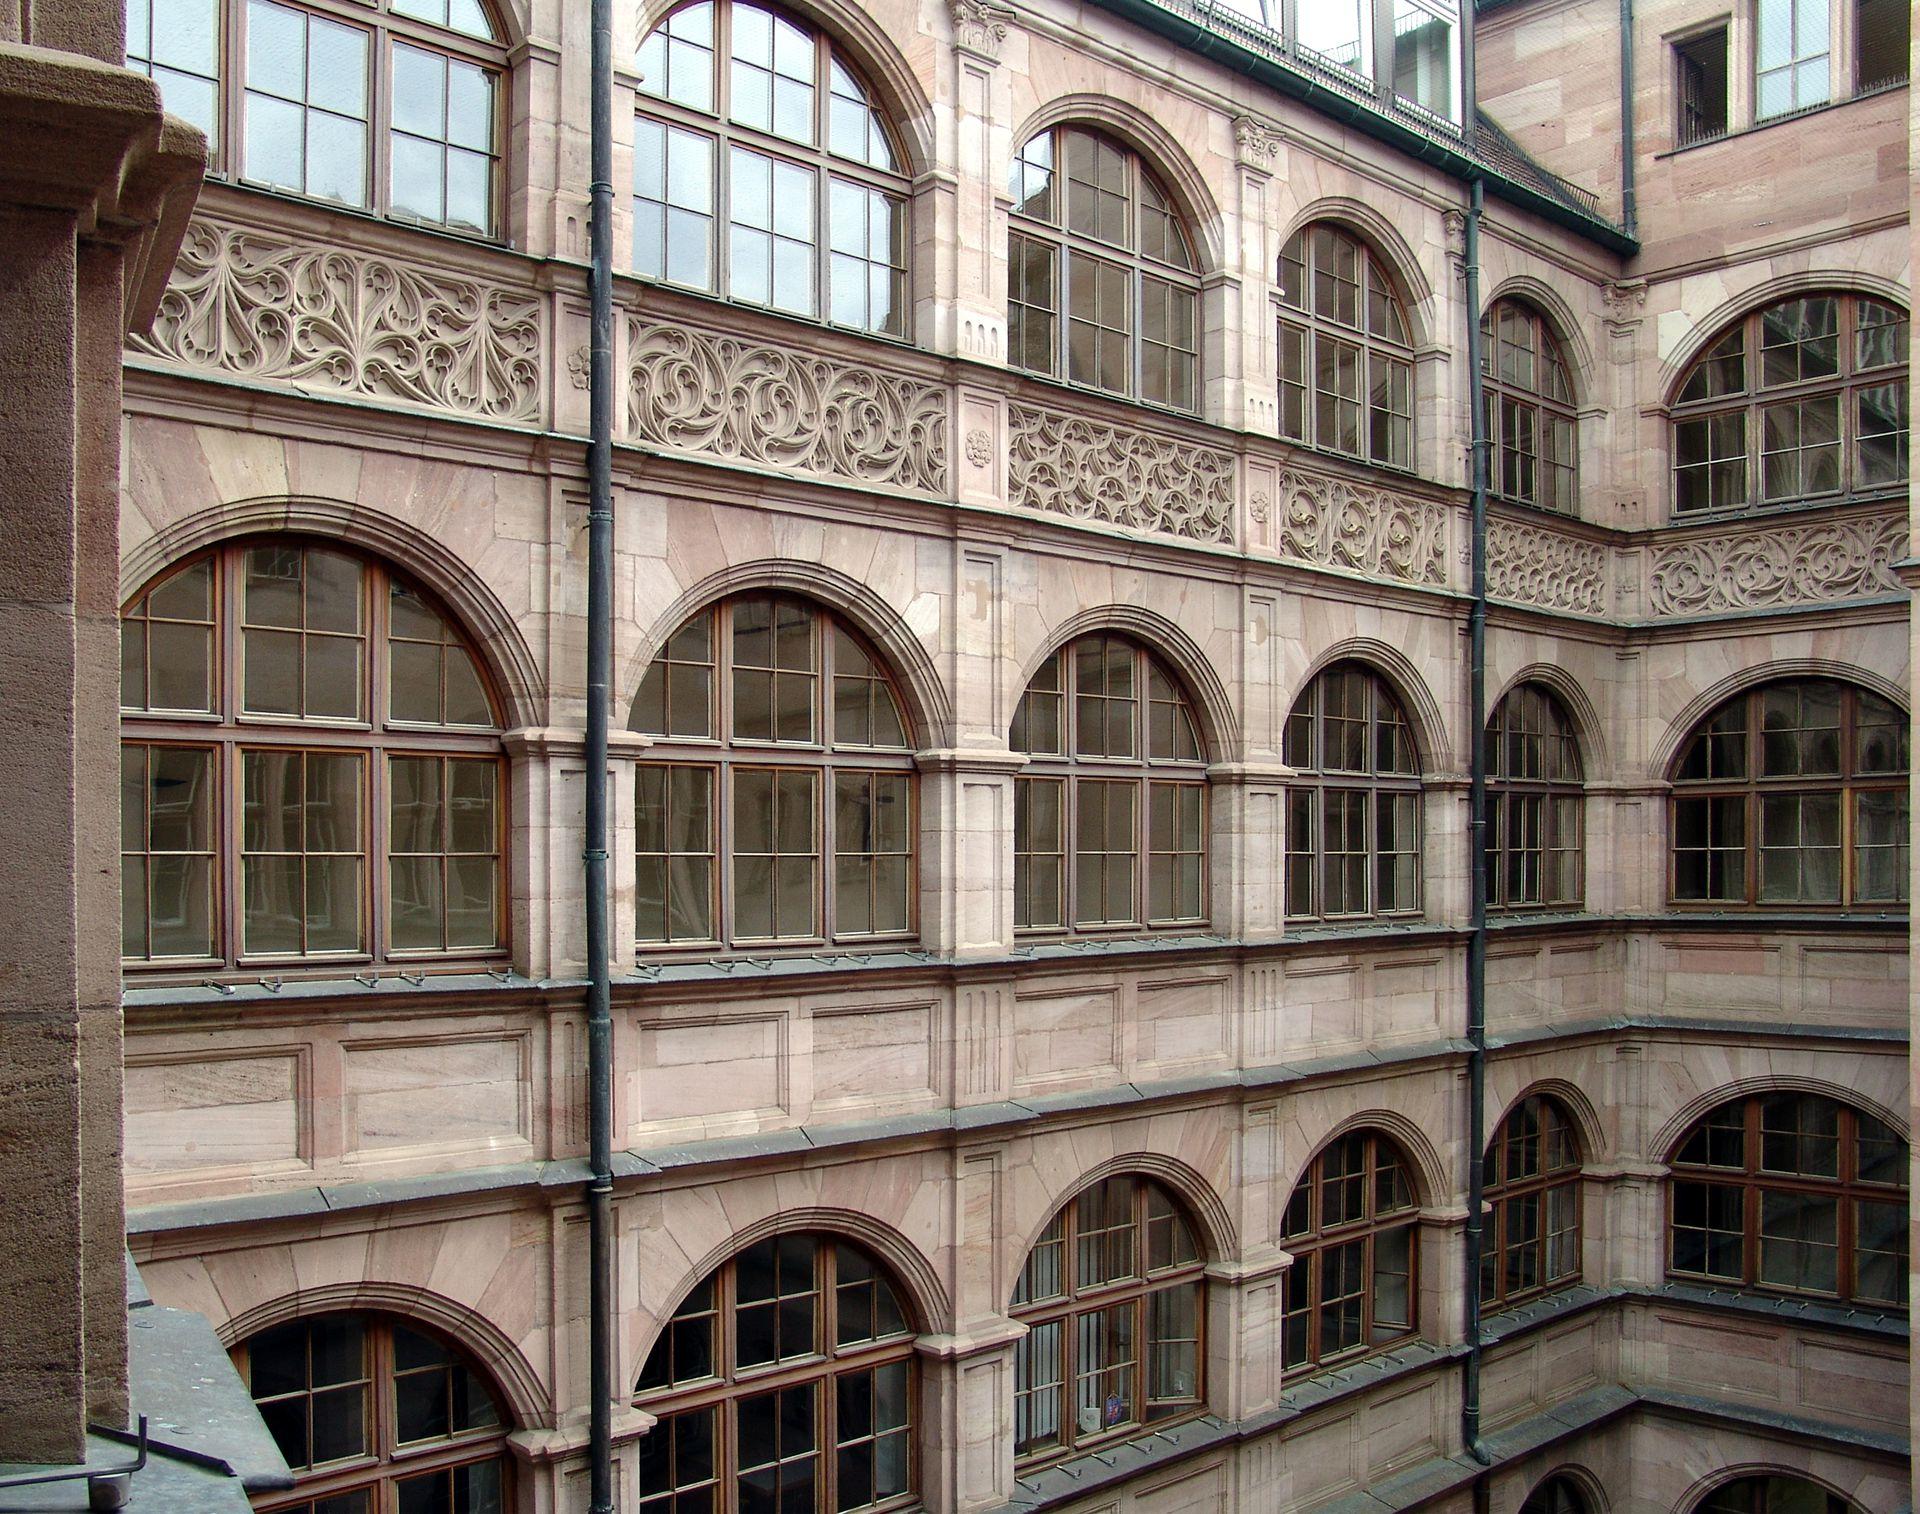 Central administration office Arkadenhof im Neu-Nachgotischen Stil